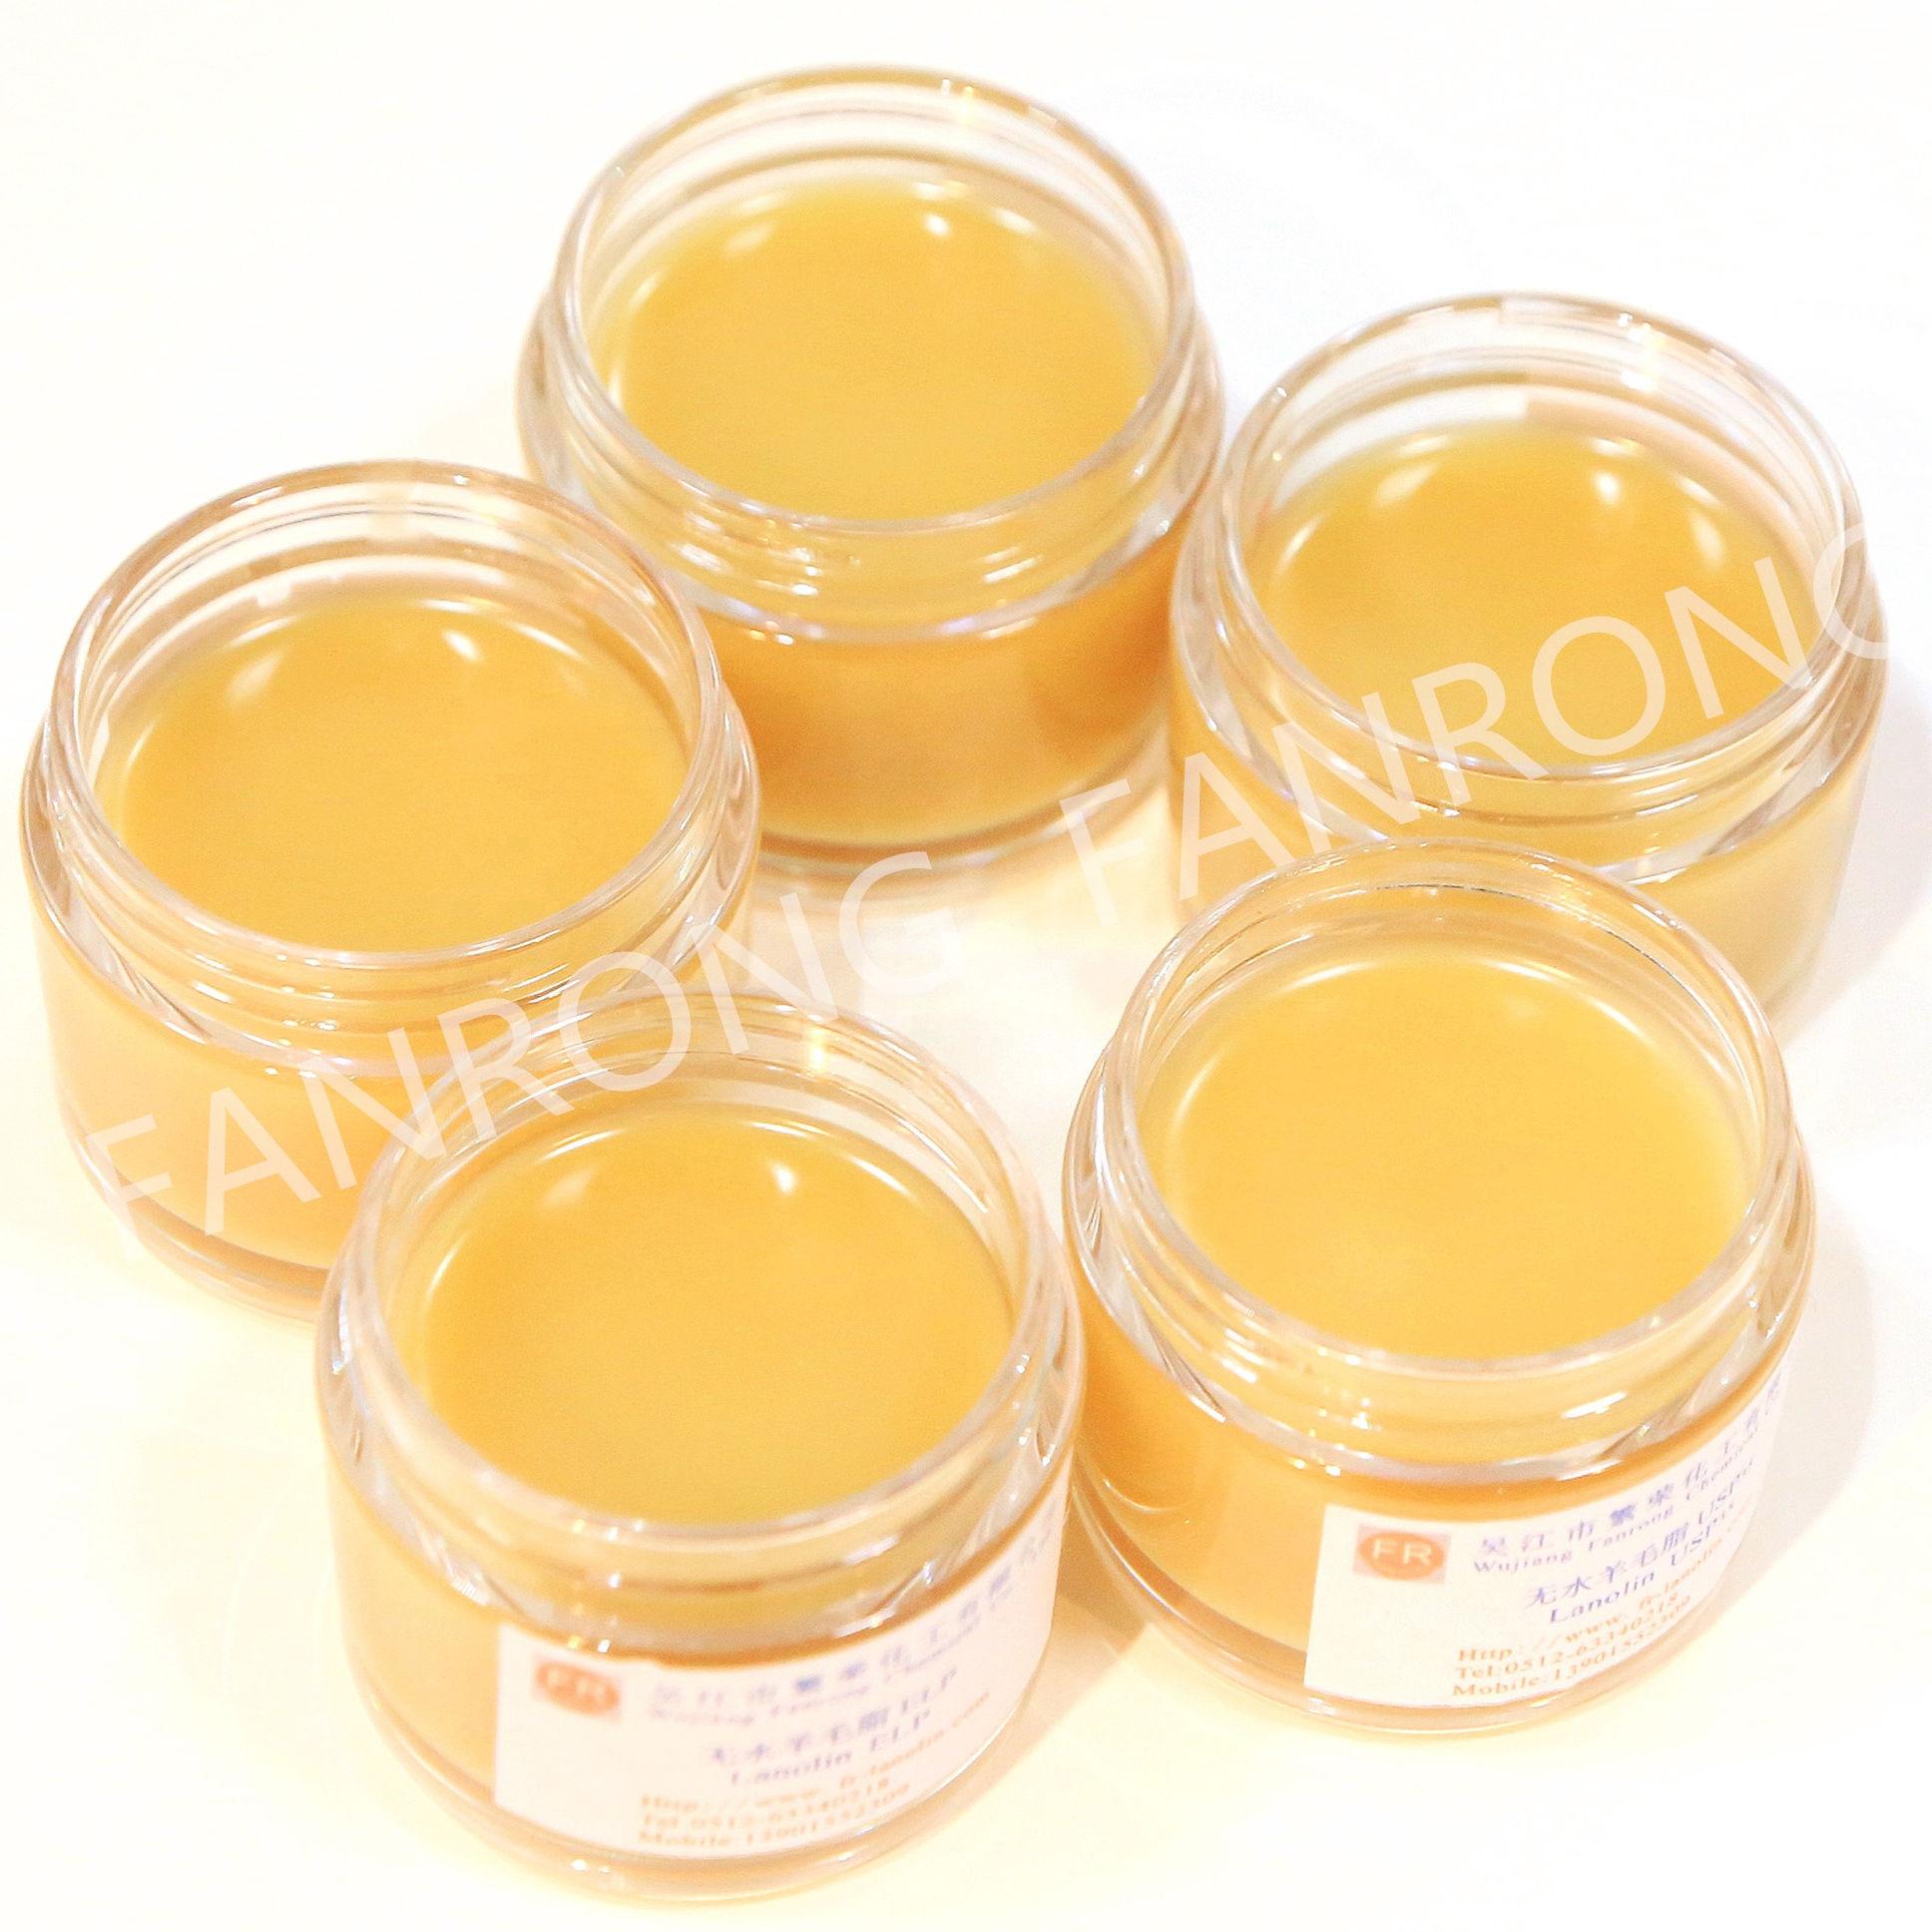 Ланолин (е913): свойства, чем полезен для лица, бровей, при аллергии, атопическом дерматите у детей, отзывы о лечении пигментных пятен на теле